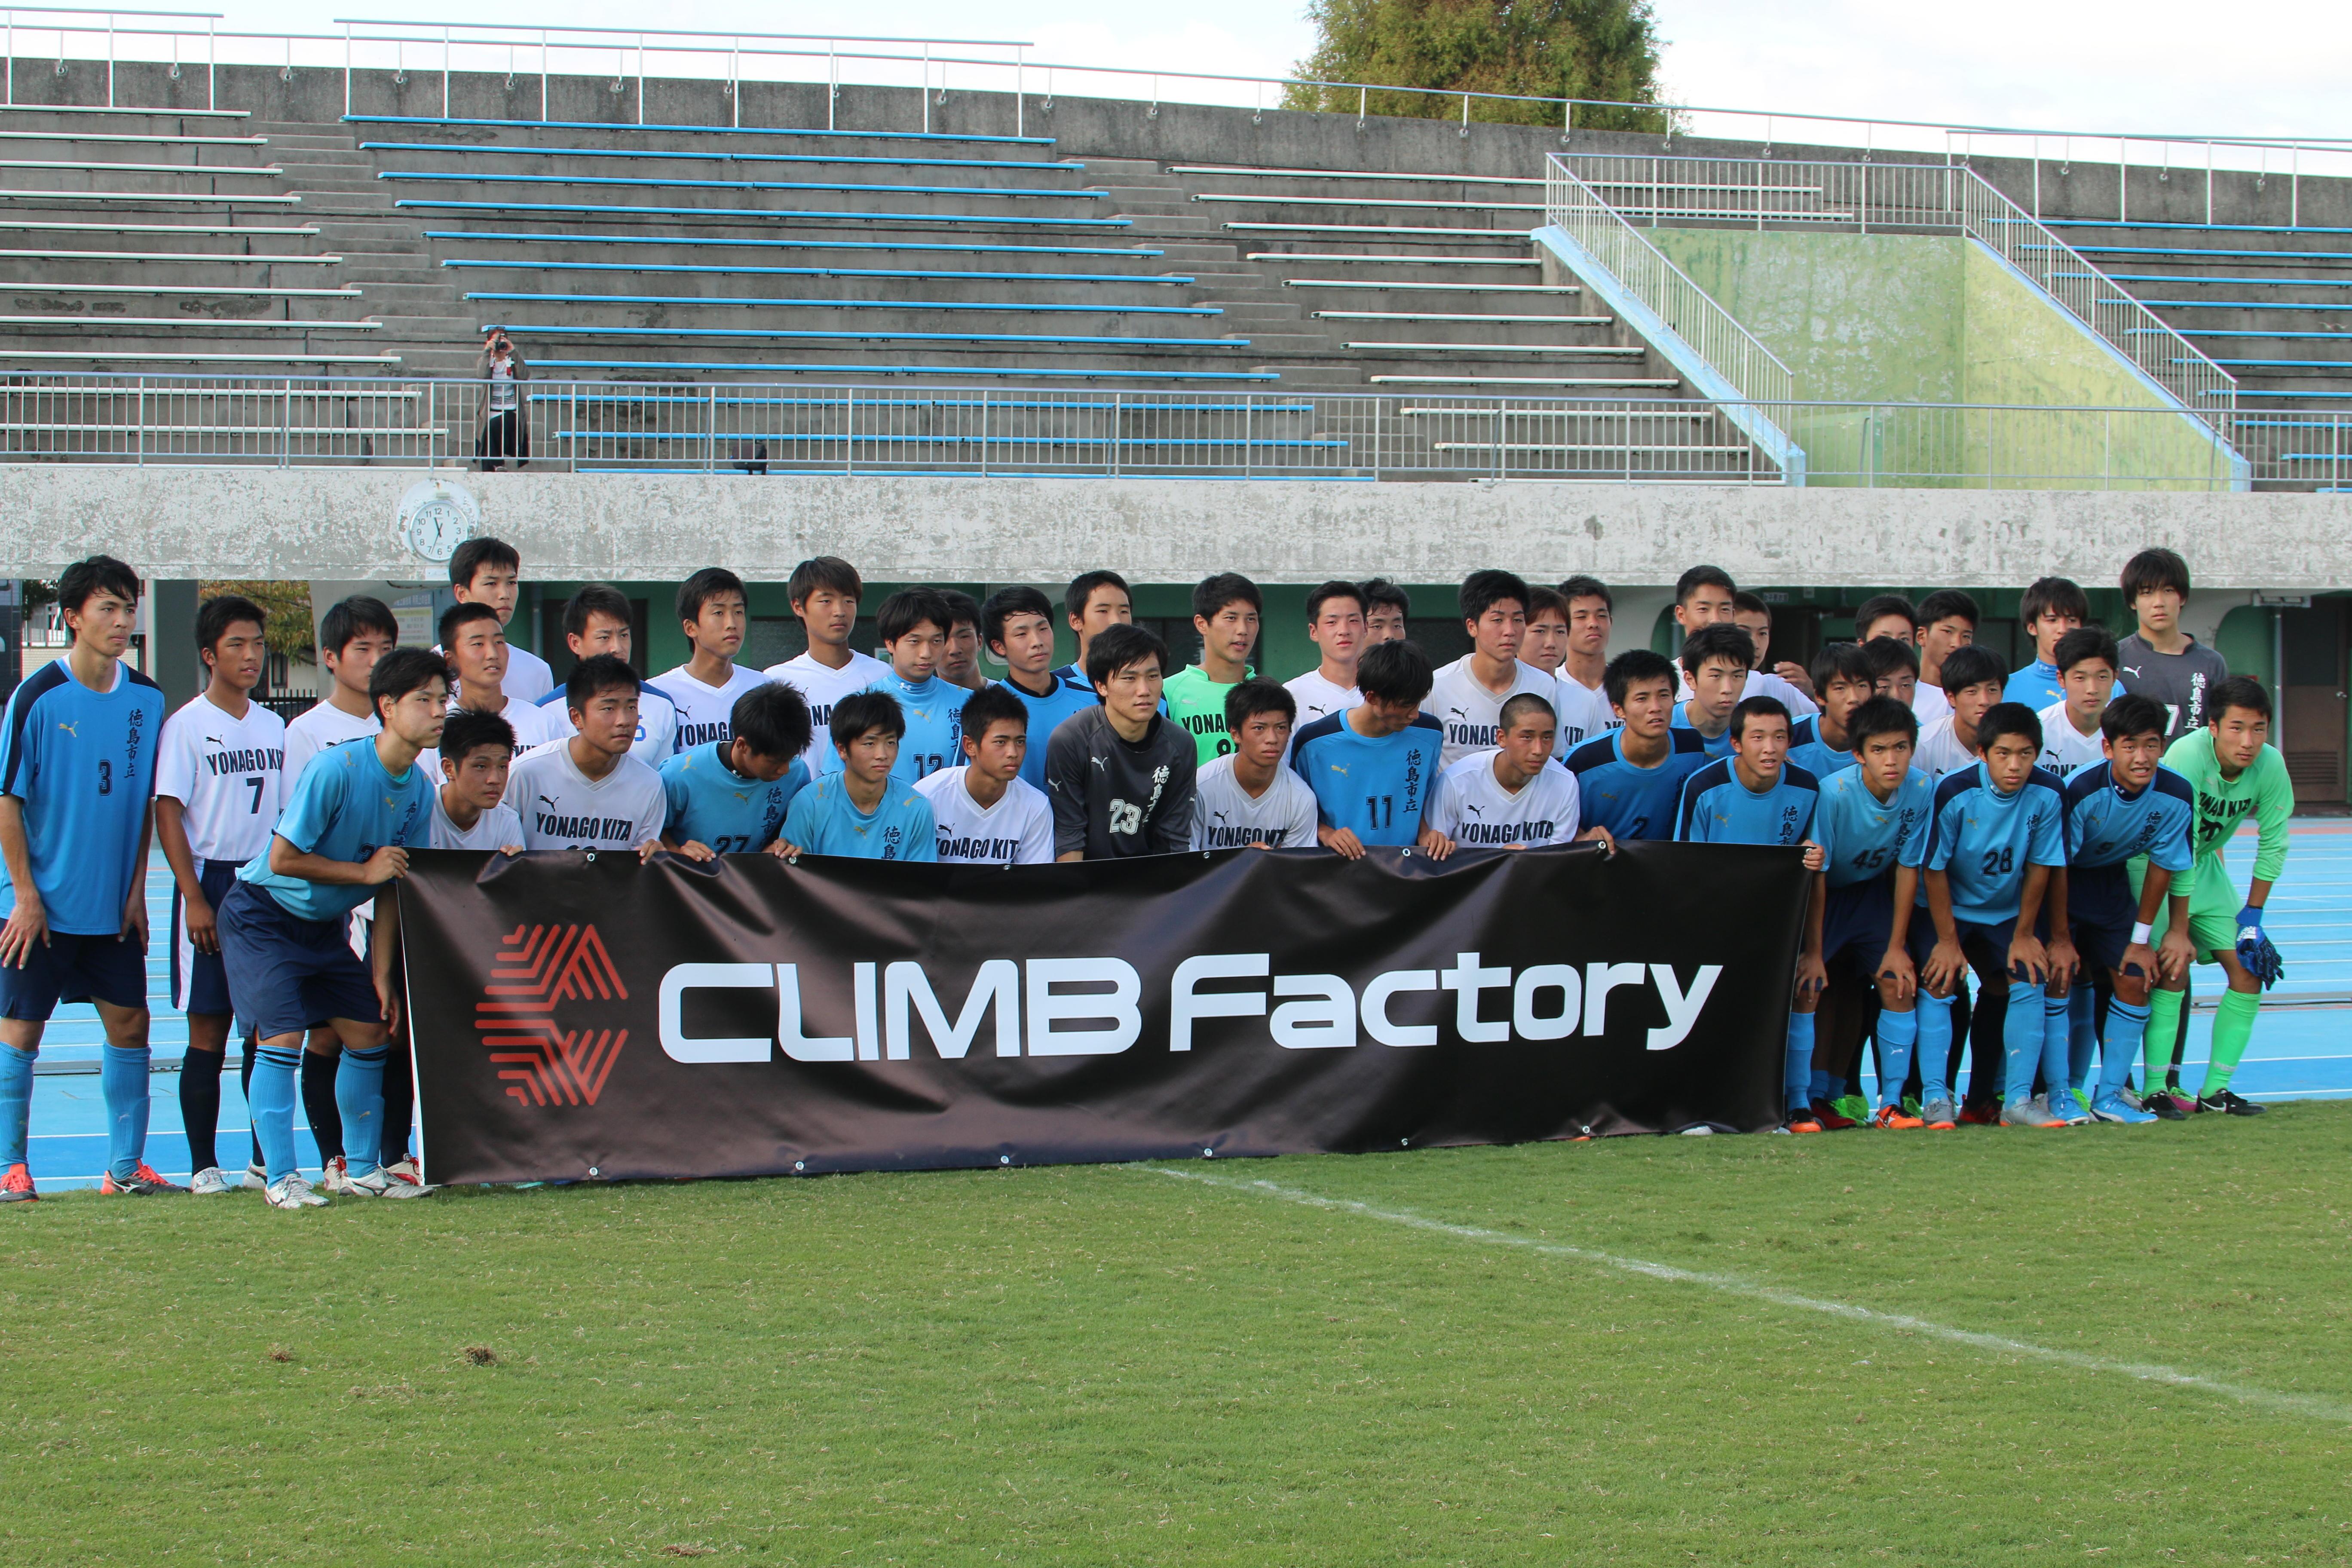 京都橘、米子北など注目チームが対戦!「クライムファクトリーカップ」が開催!